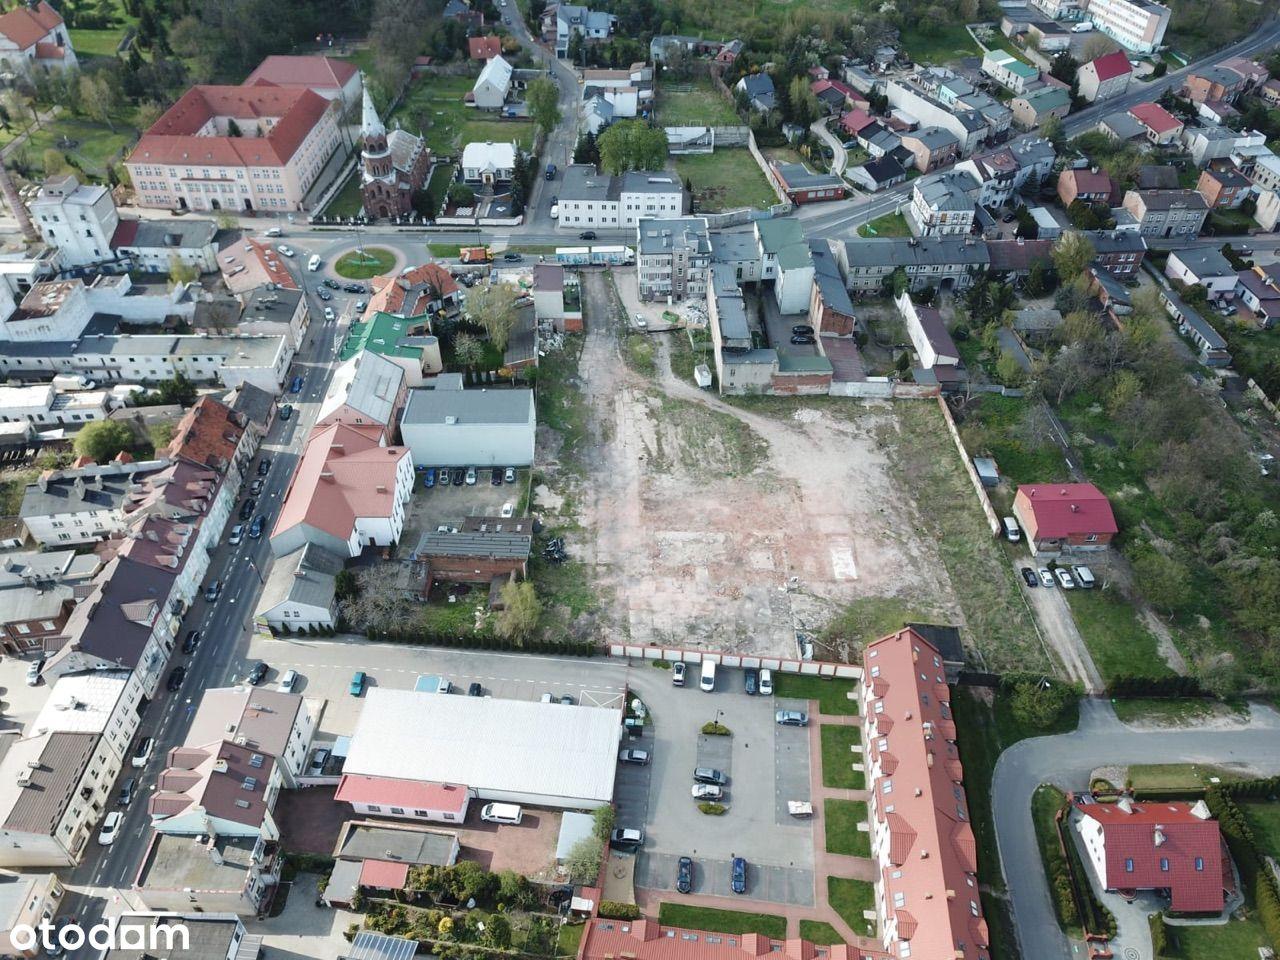 Działka budowlana w centrum Konina inwestycyjna